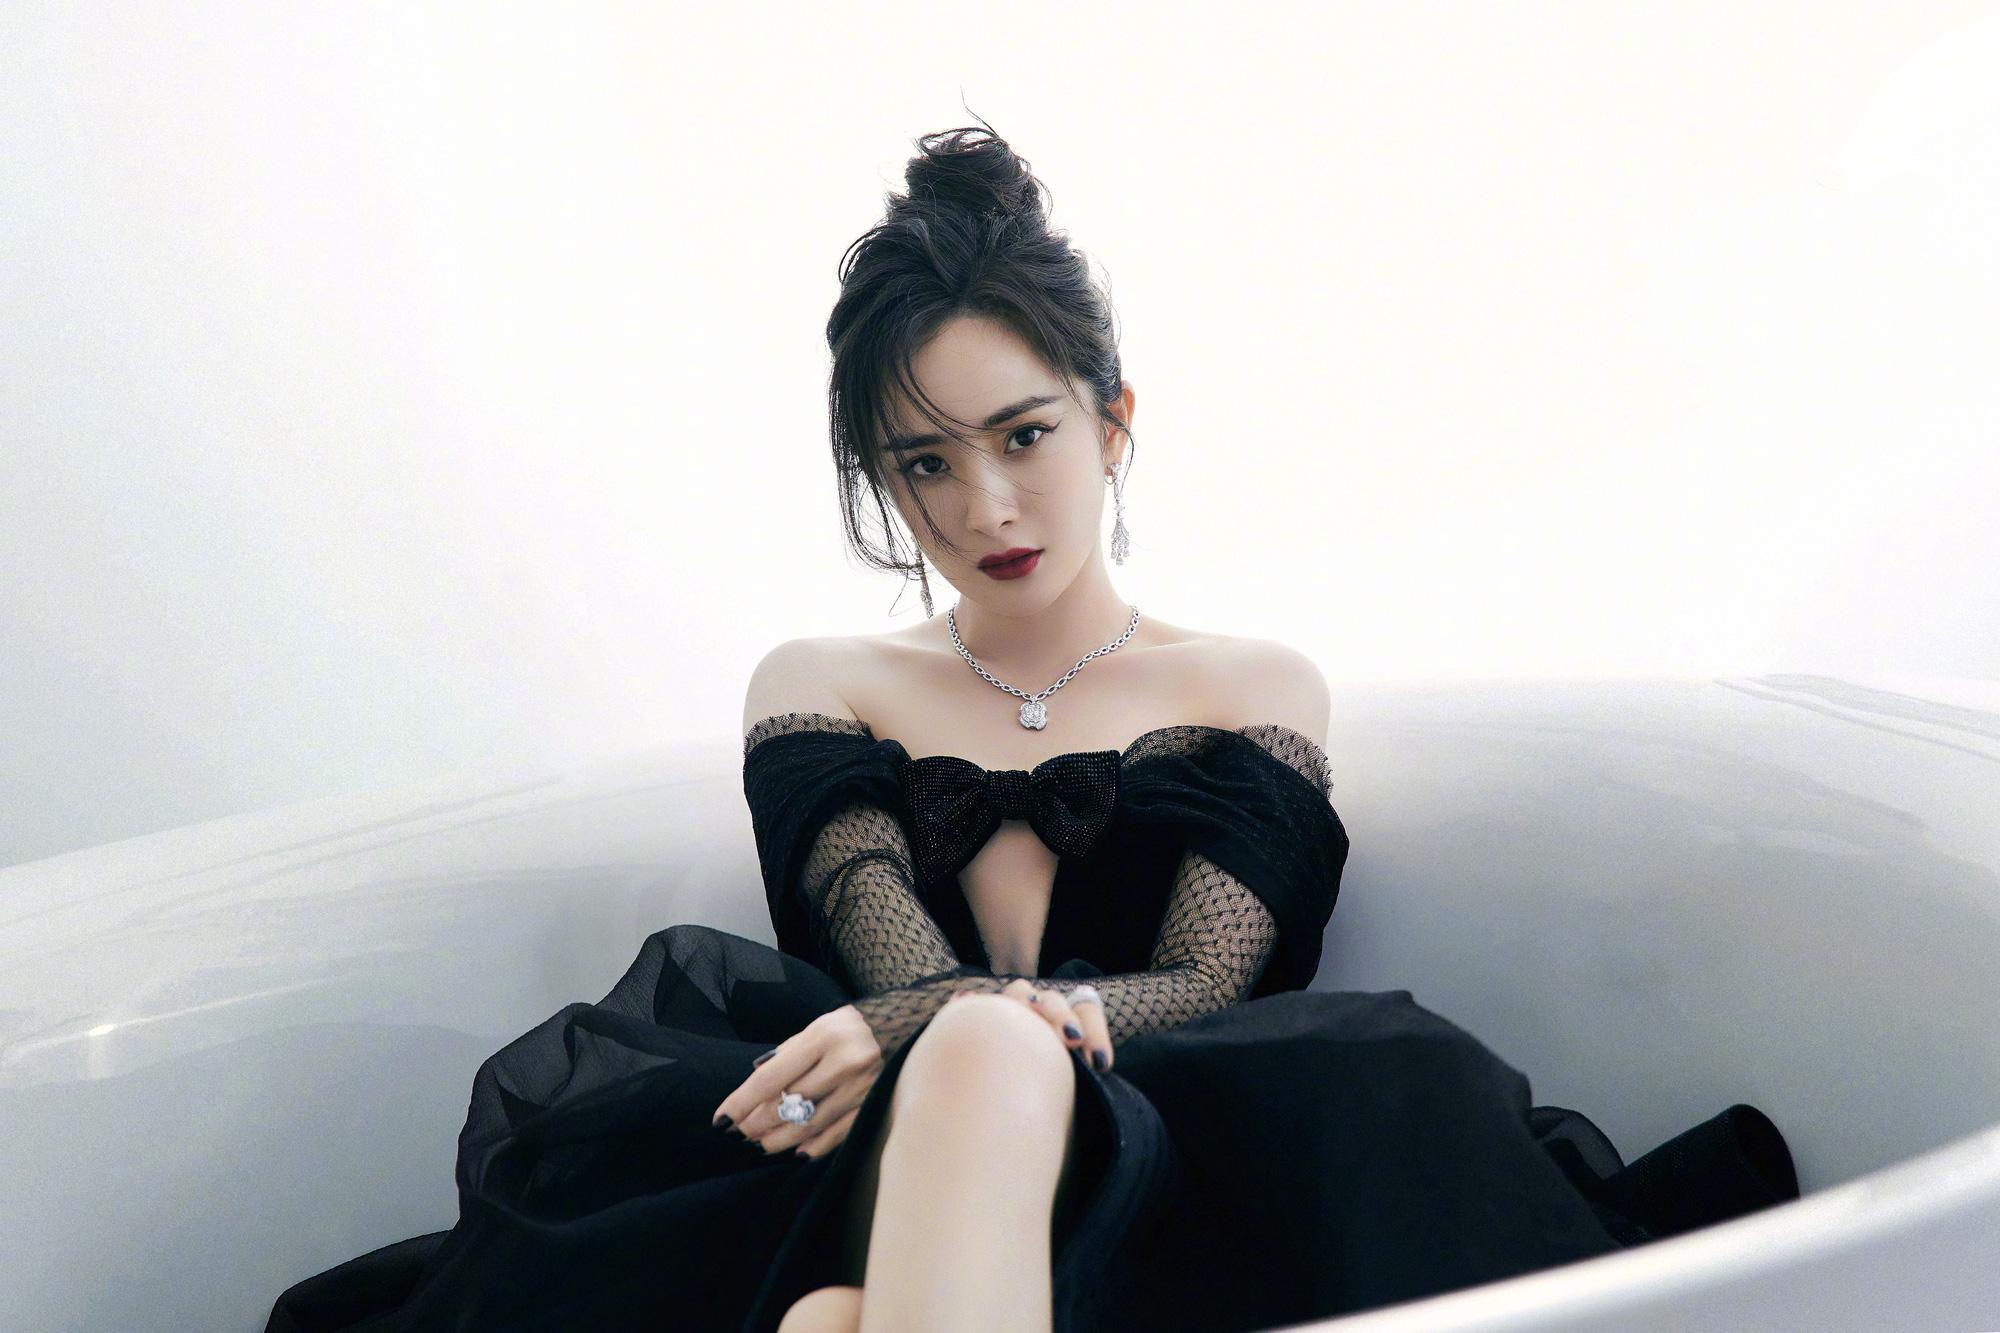 """Dương Mịch vừa dừ vừa bị dìm dáng """"cắt khúc"""" khi diện mẫu váy cắt xén táo bạo đi sự kiện - Ảnh 1."""